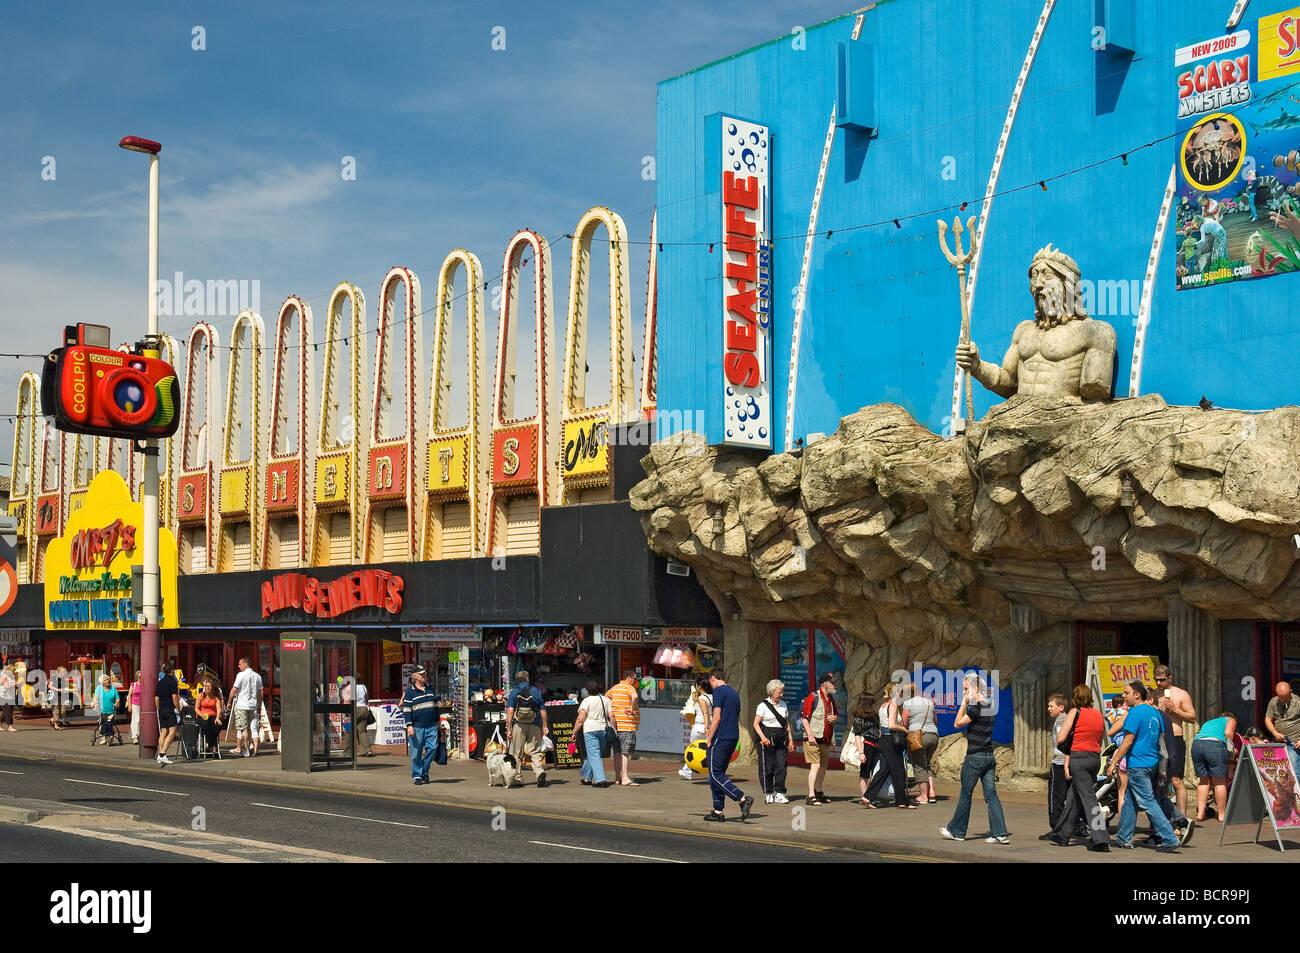 Amusements along the Golden Mile Blackpool Lancashire England UK United Kingdom GB Great Britain - Stock Image